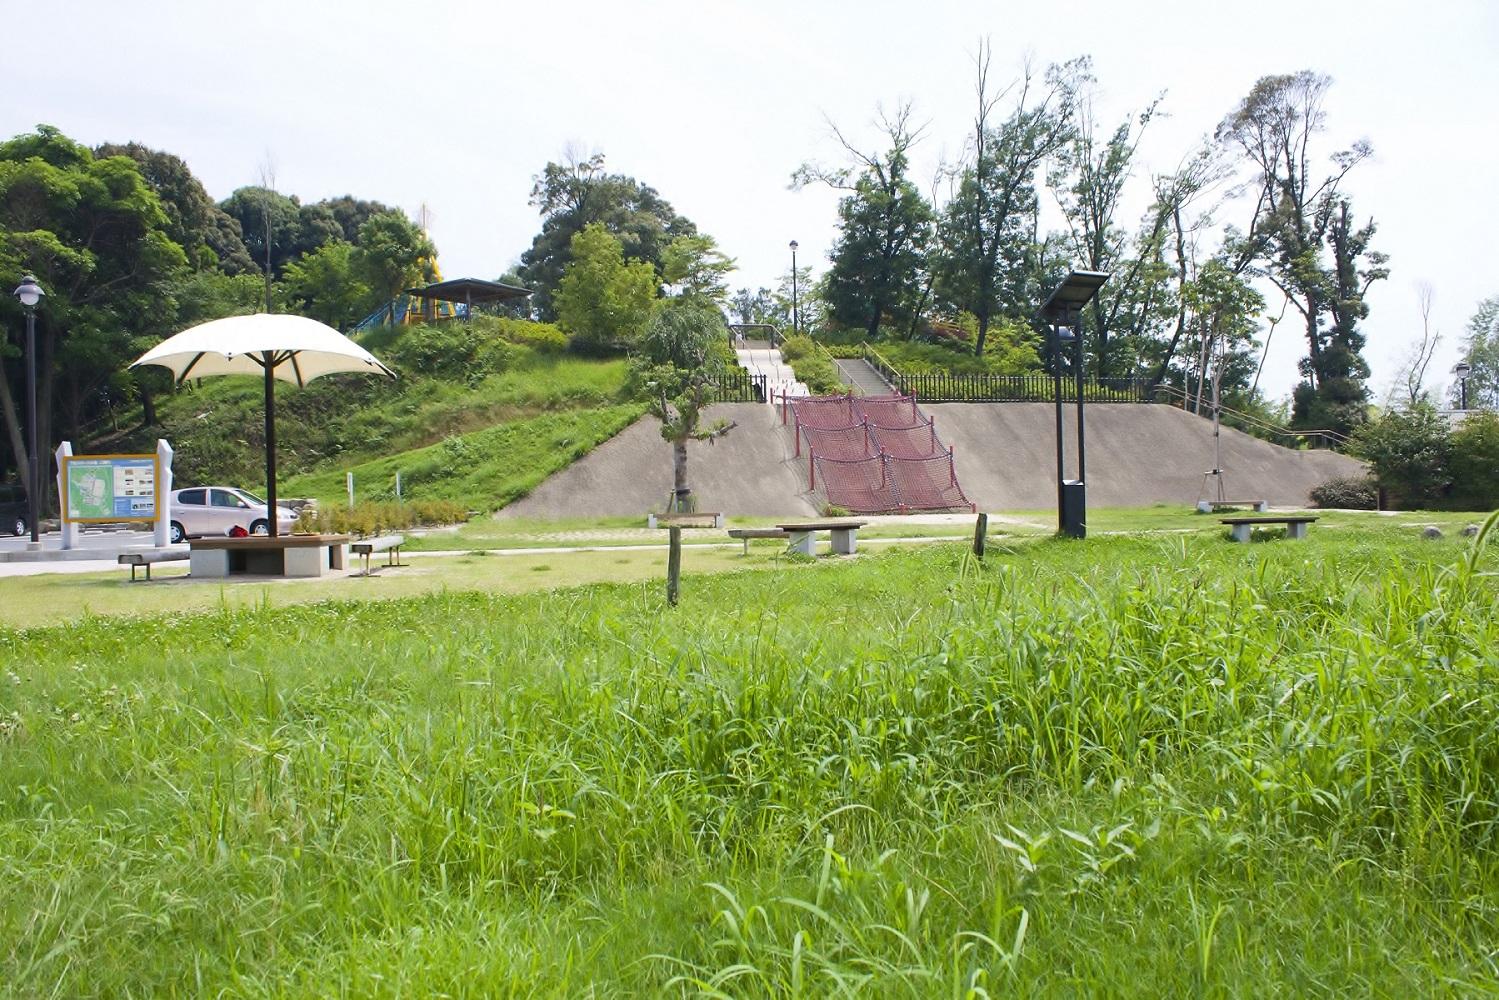 4. 쿠다마쓰 스포츠 공원